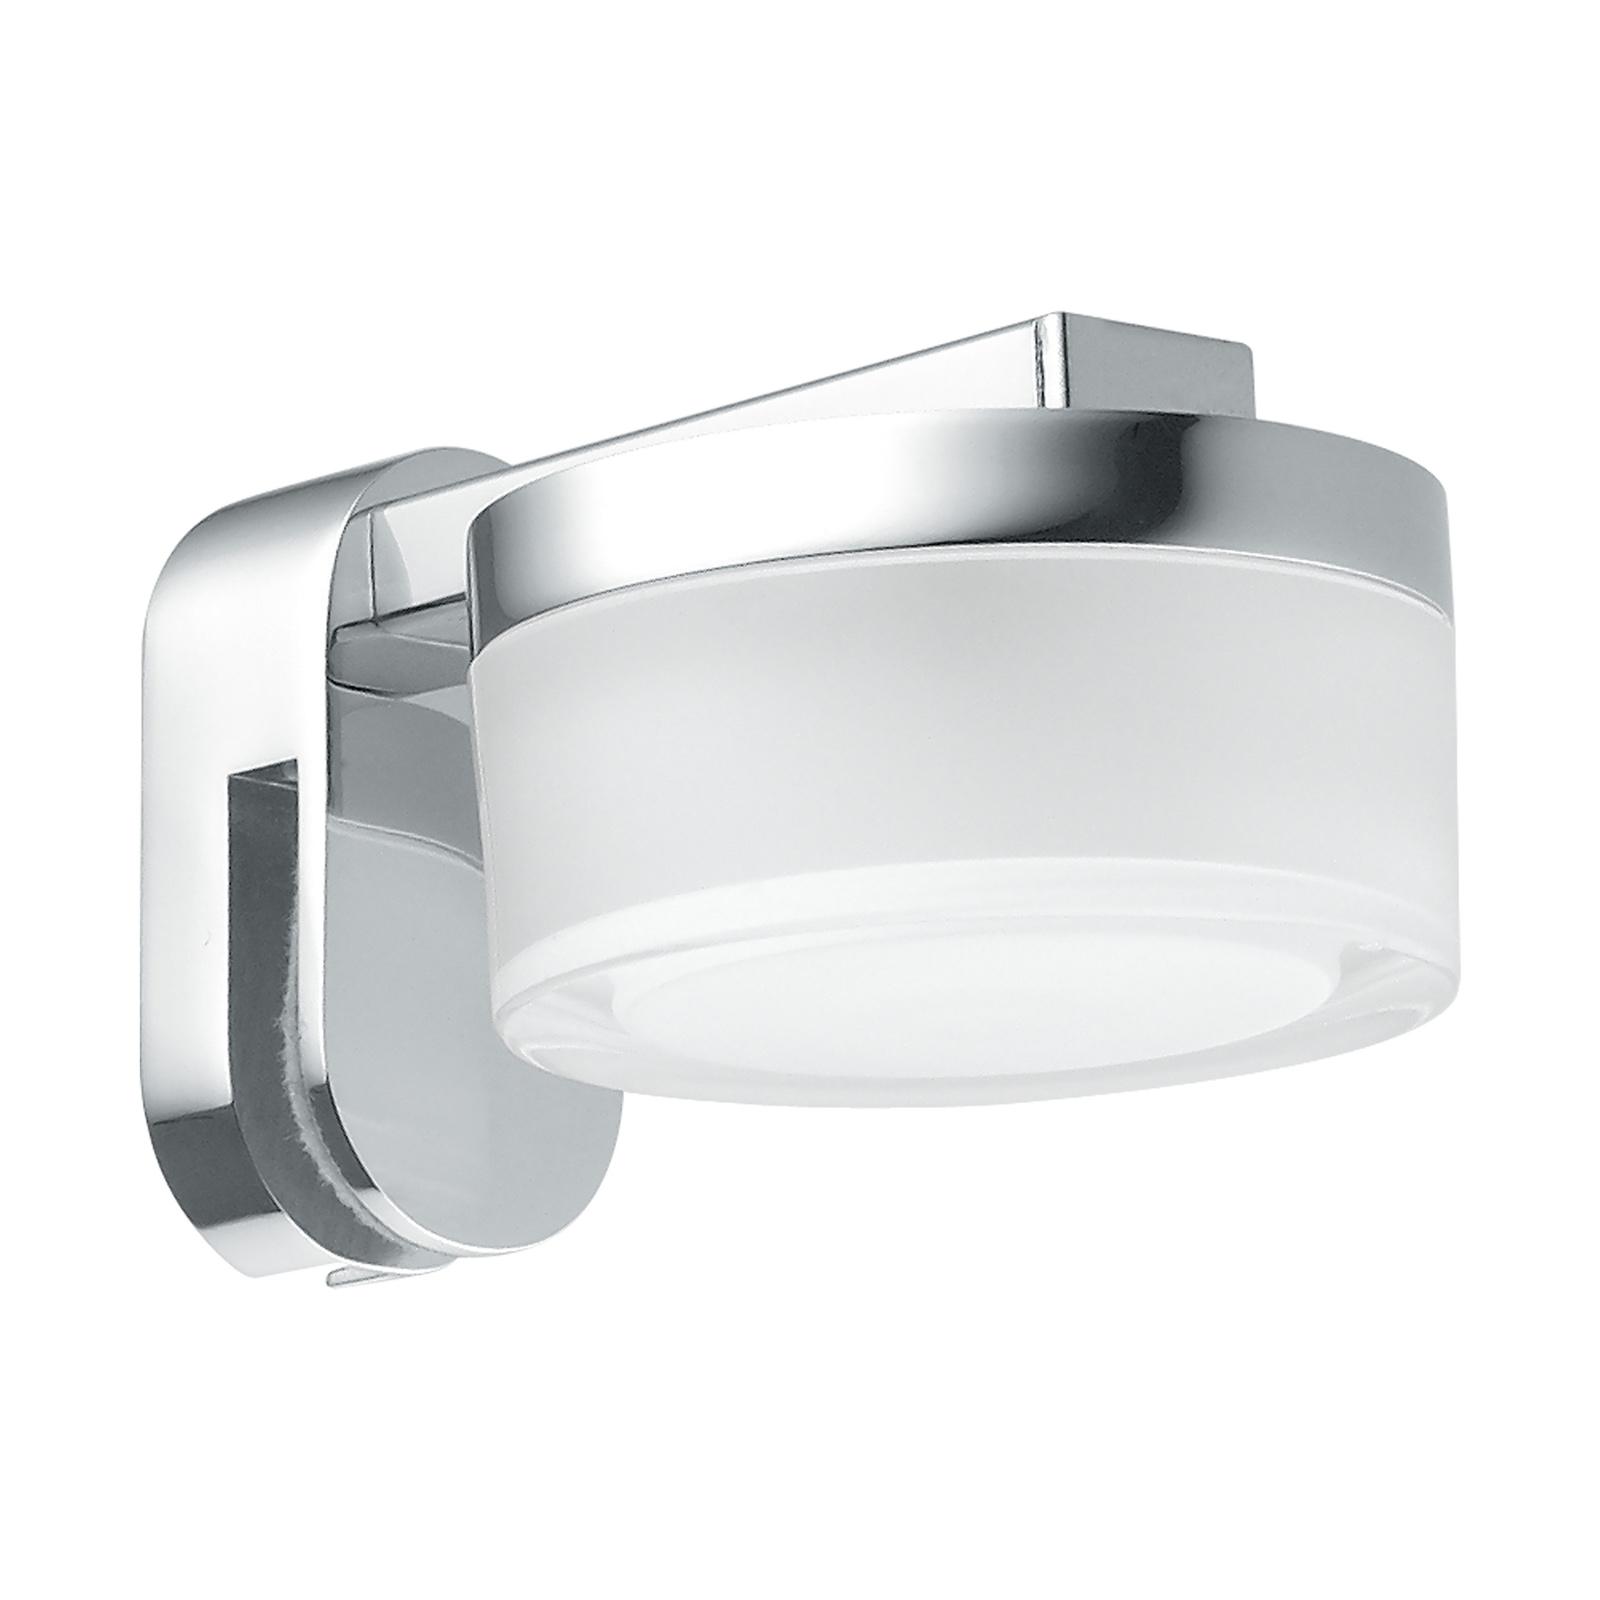 LED-Spiegelleuchte Romendo zum Aufstecken